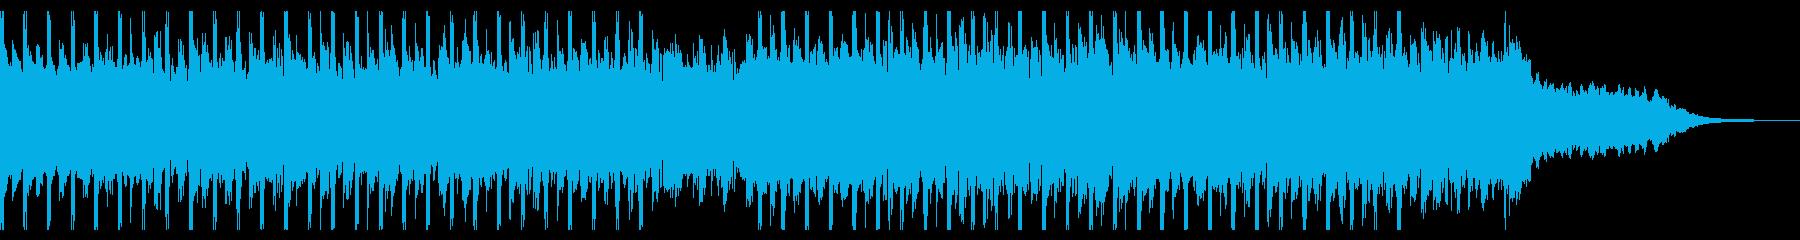 アチーブメント(40秒)の再生済みの波形